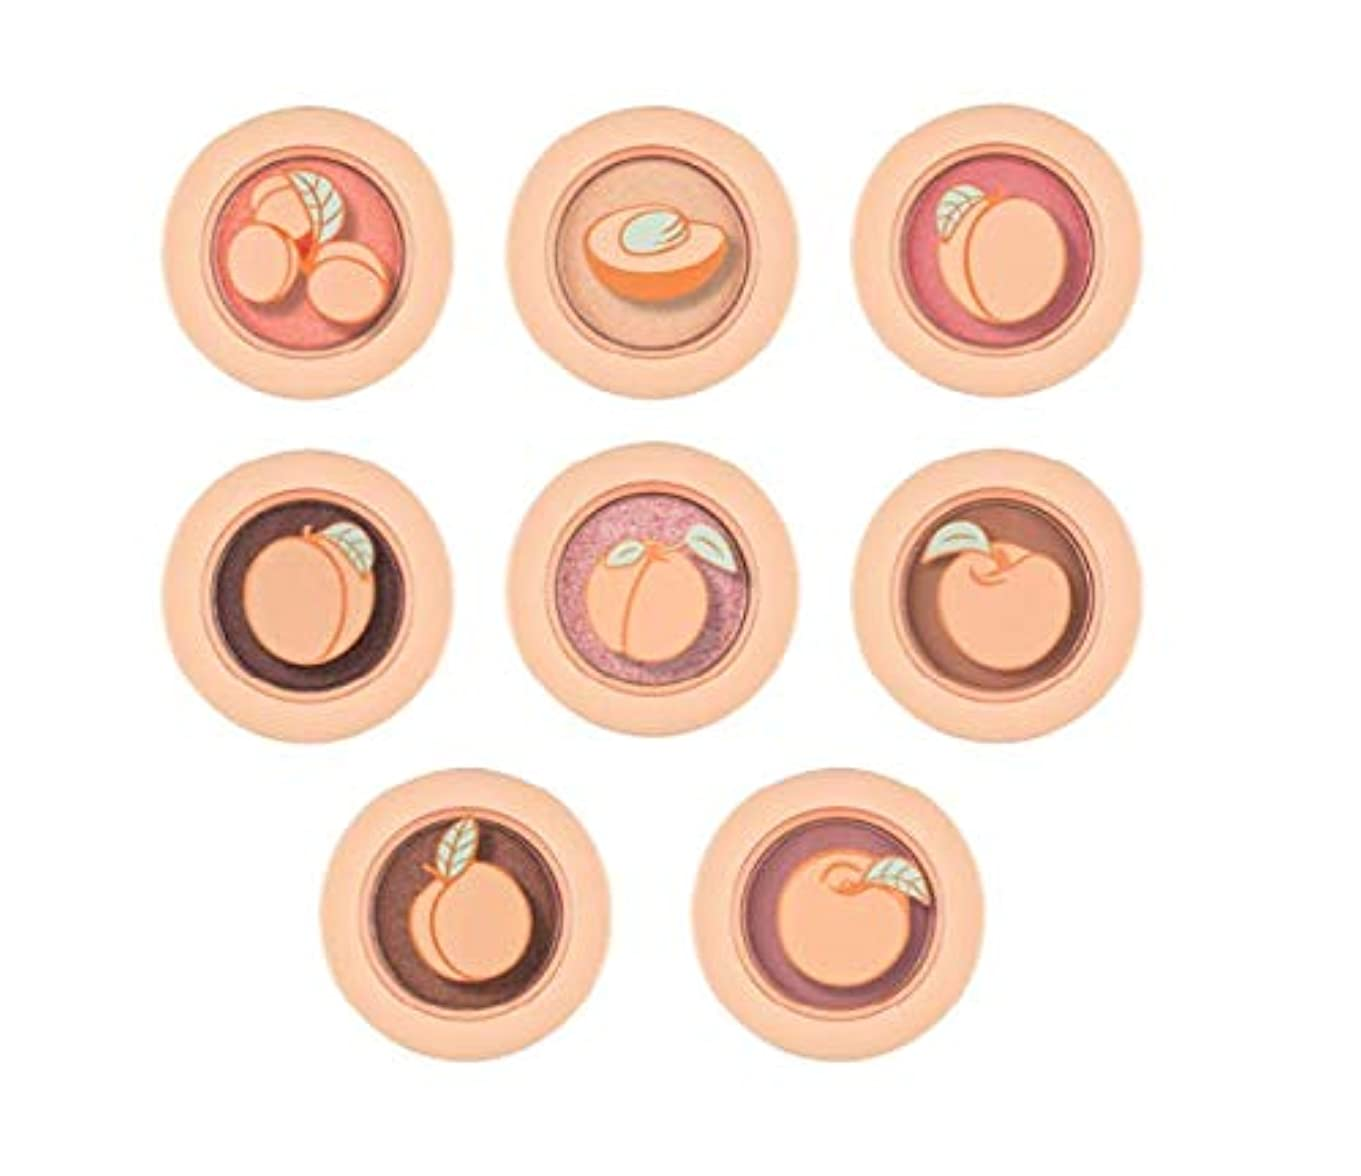 いたずらなジャンク眉をひそめる【アリタウム.aritaum](公式)モノアイズアプリコットコレクション/mono eyes collection (M22)